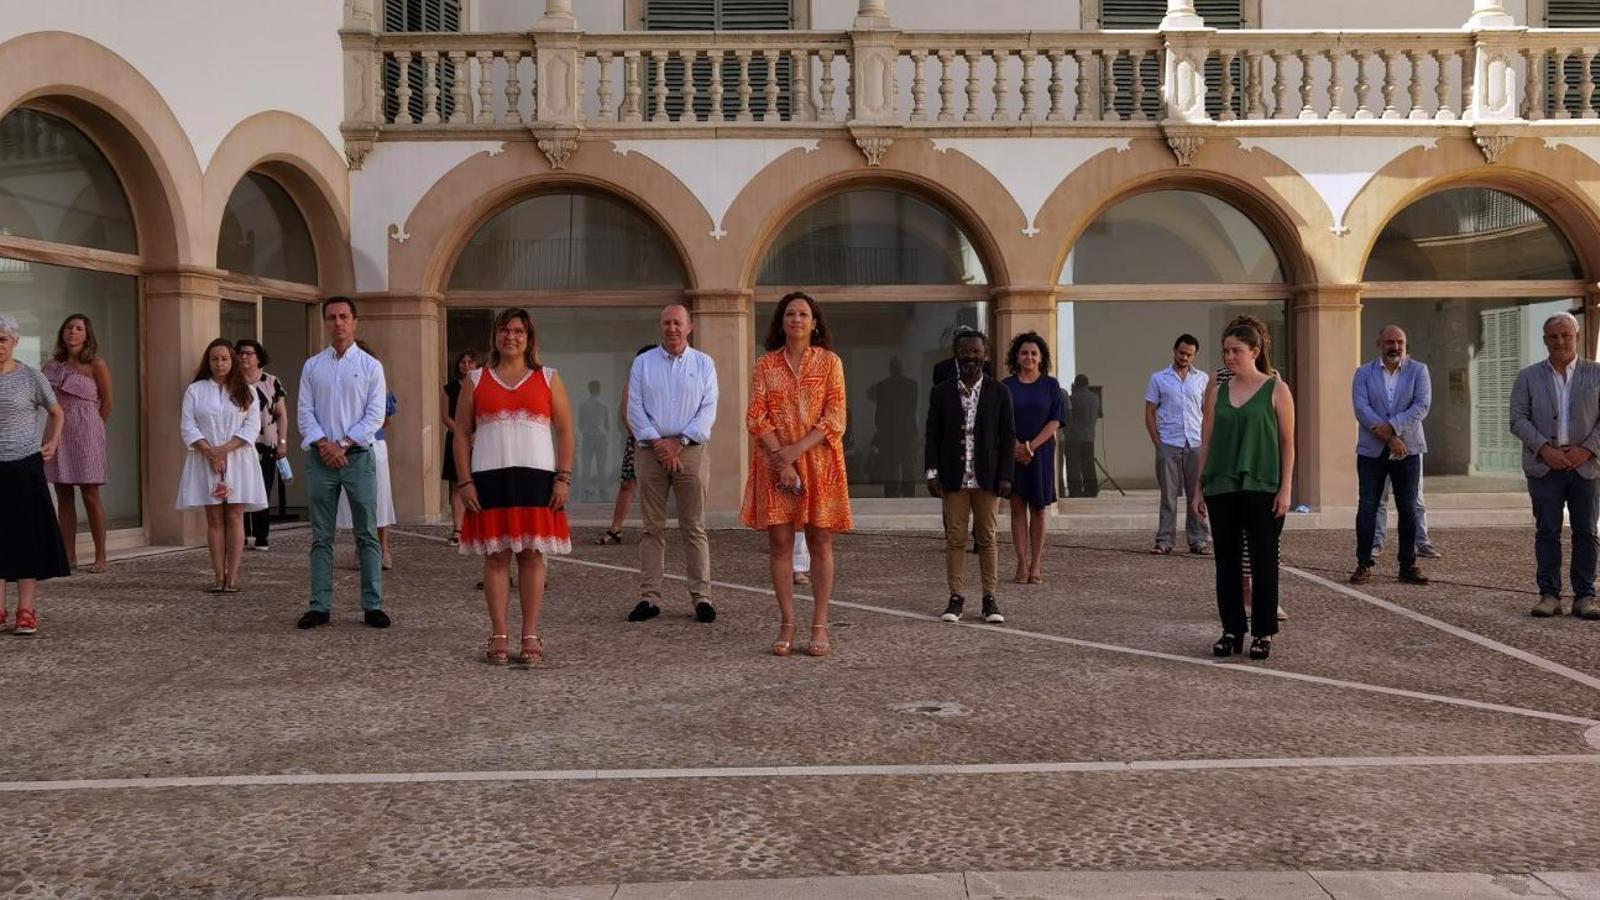 Els consellers del Consell de Mallorca, llevat dels representants de Ciutadans i Vox.